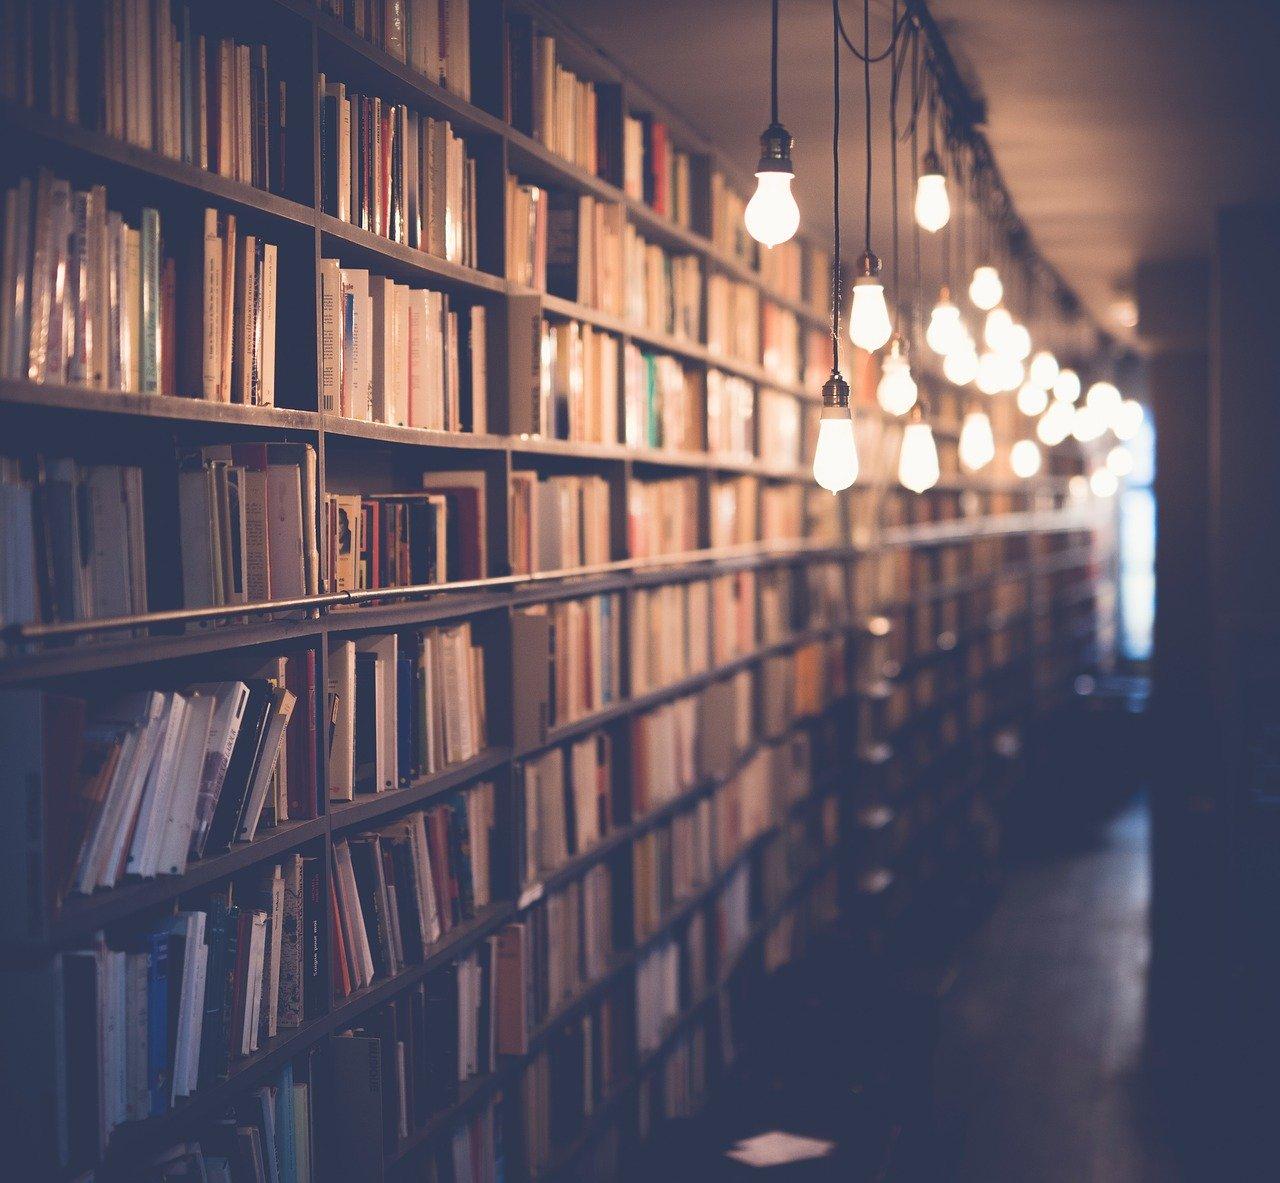 הספריות העירוניות בהרצליה נפתחות בהדרגה: ספריית ההשאלה הראשית נפתחת ביום רביעי השבוע